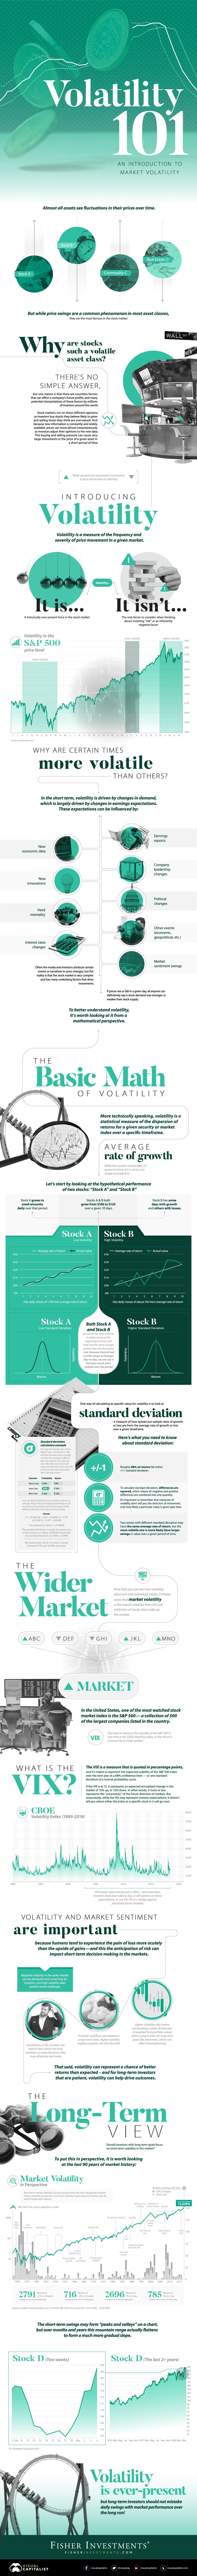 market-volatility-infographic